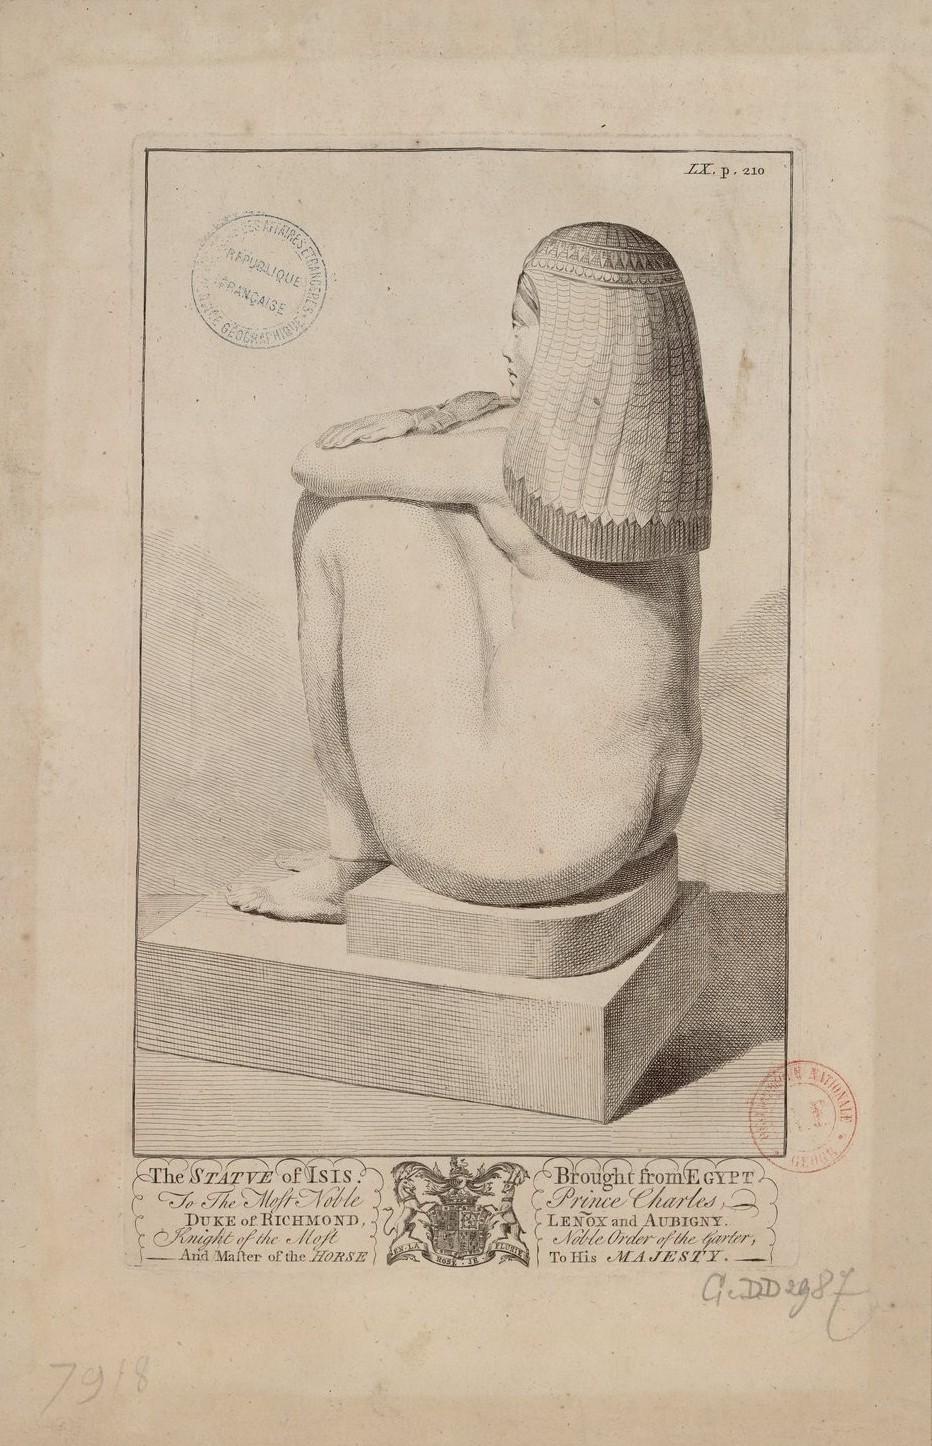 Статуя Исиды, привезенная из Египта принцу Чарльзу, герцогу Ричмонду